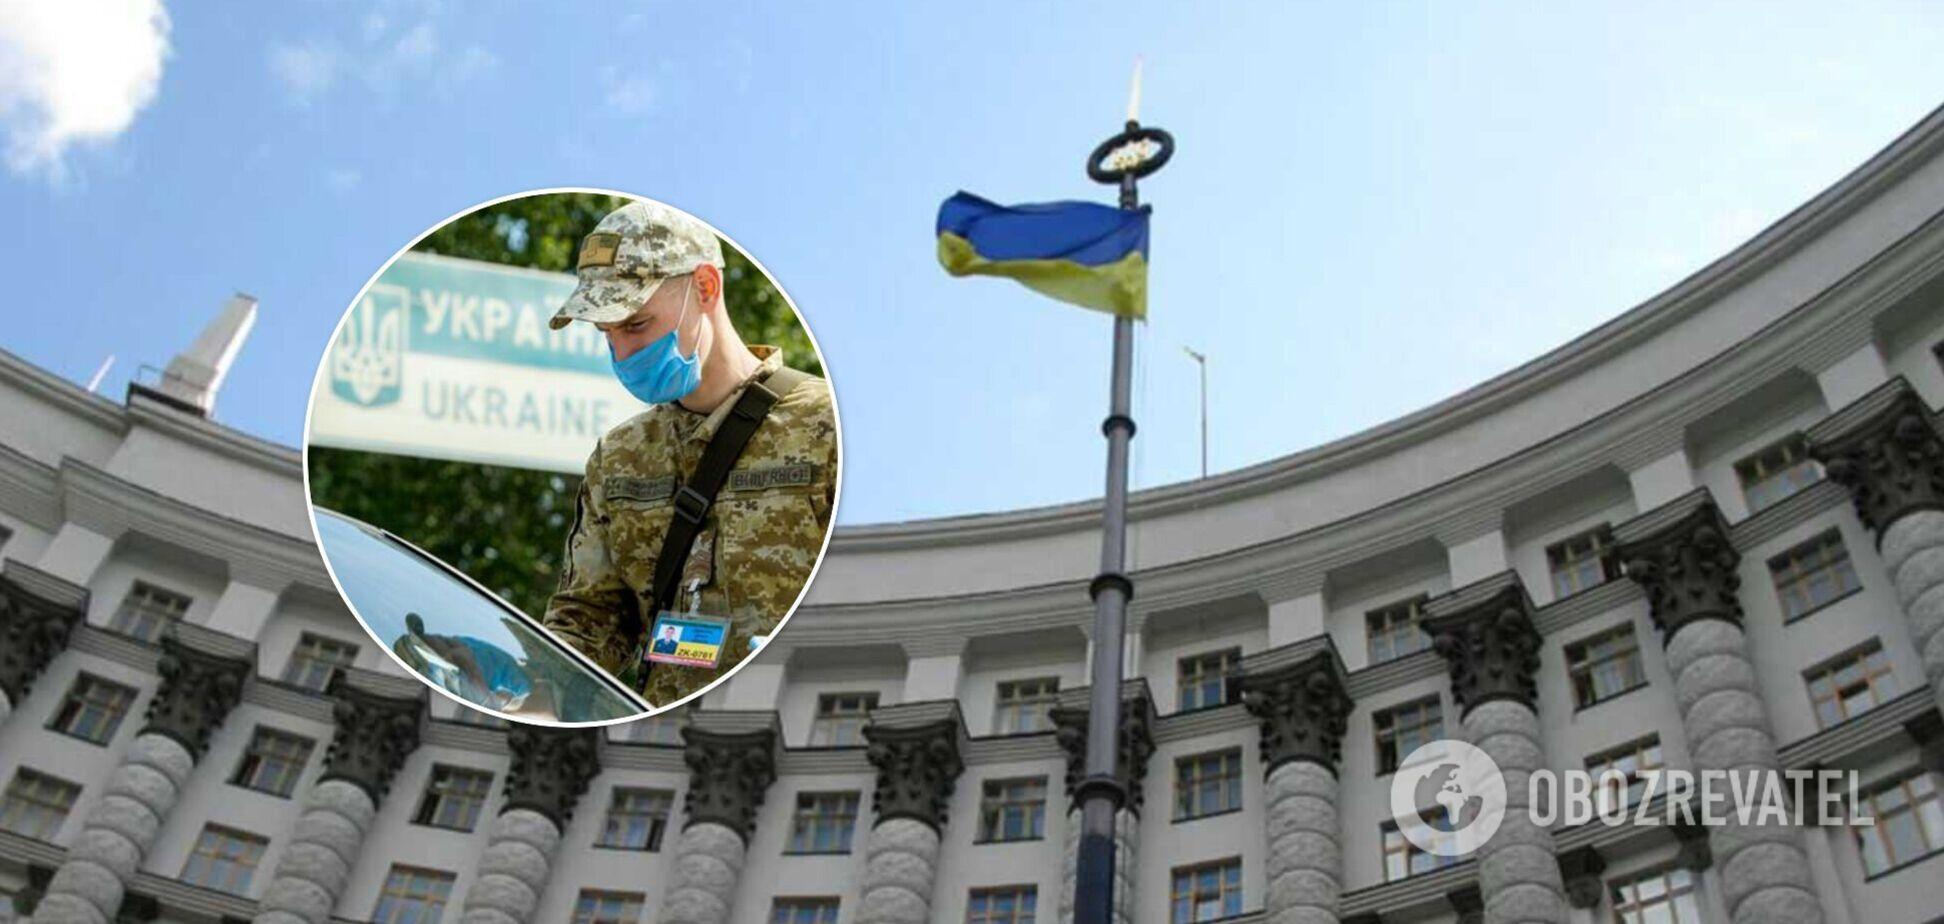 Невакцинированным гражданам при въезде в Украину грозит самоизоляция: в Минздраве выступили с инициативой